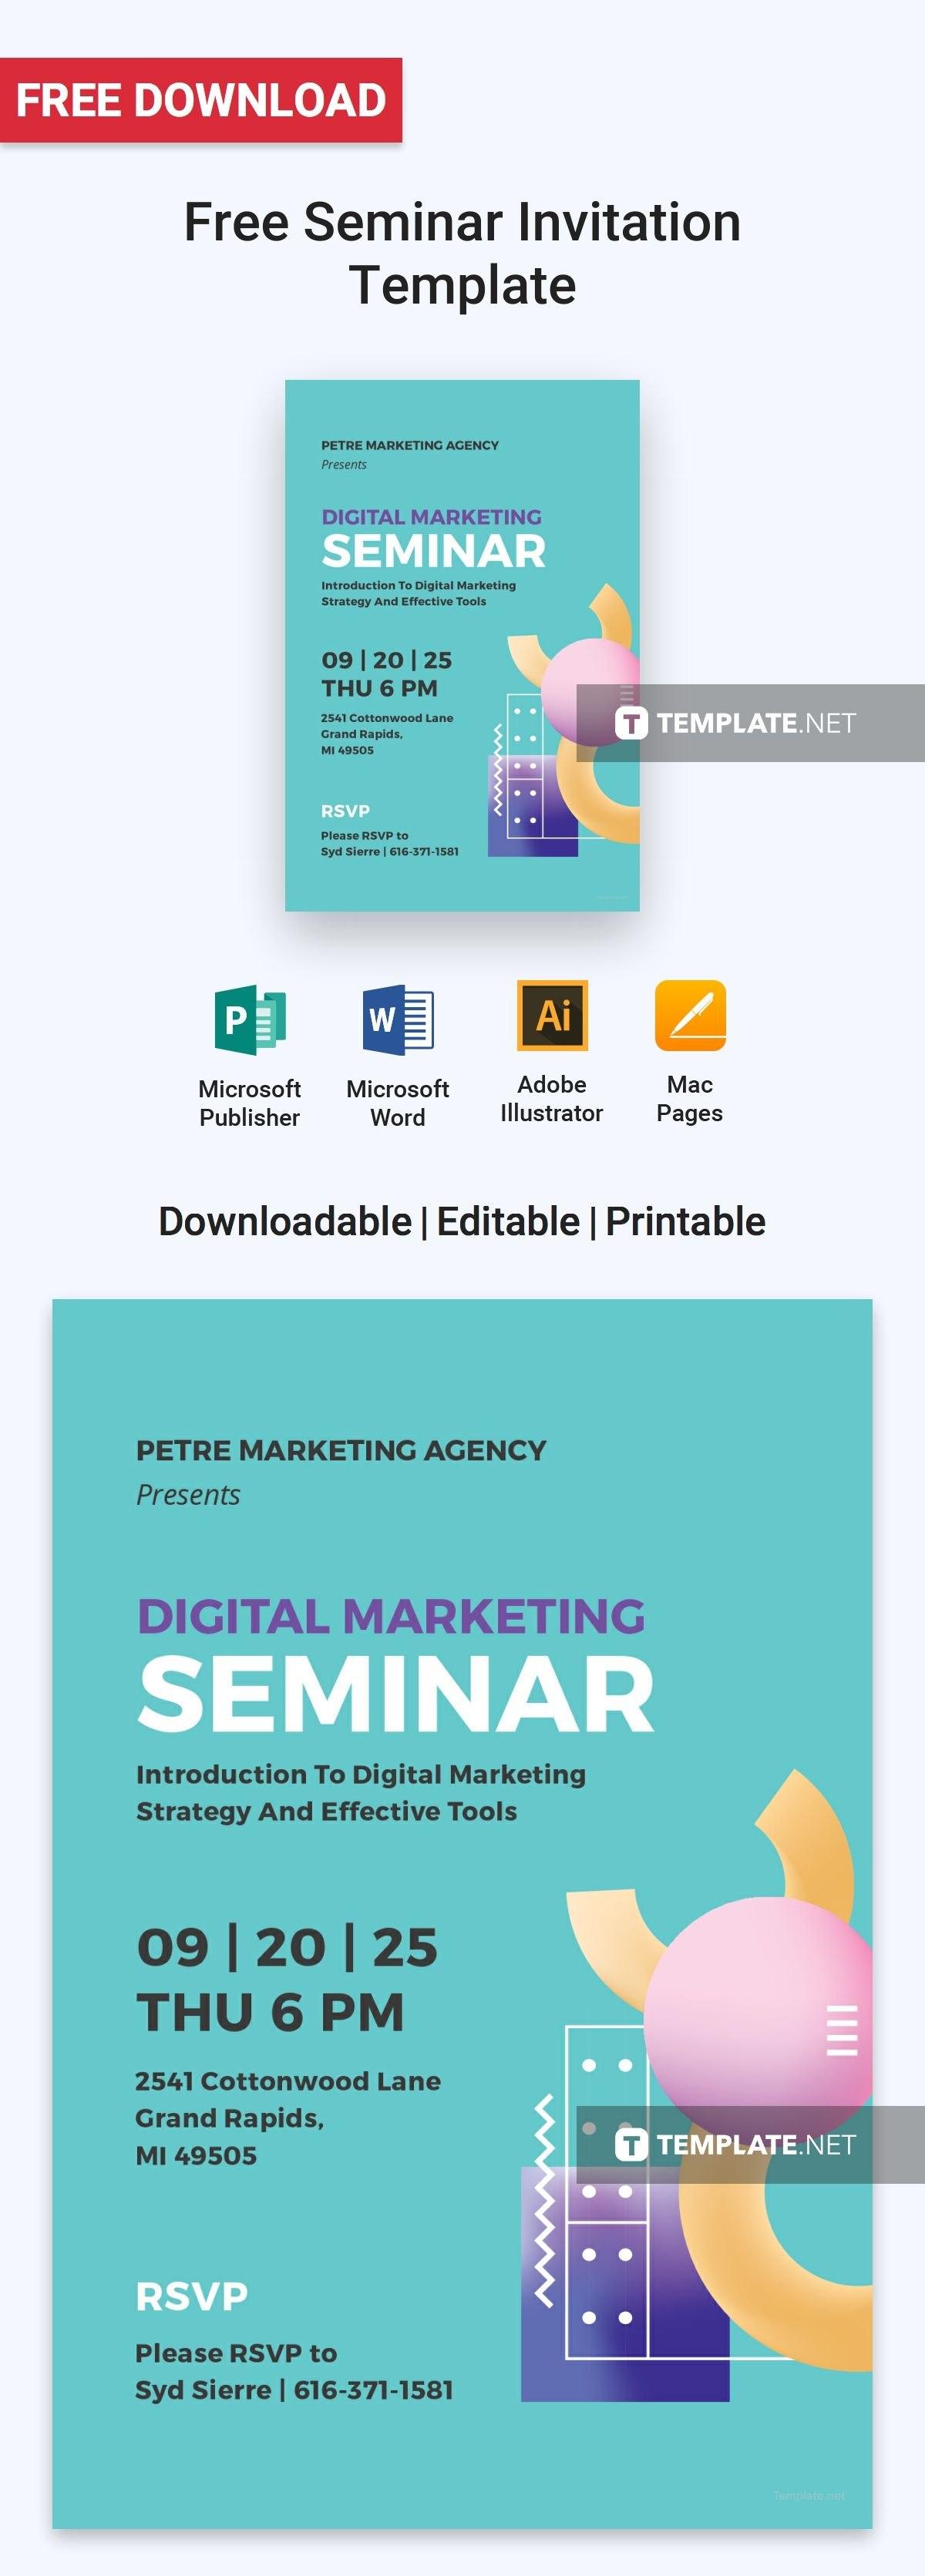 Free Seminar Invitation  Design  Invitations Invitation Design With Seminar Invitation Card Template